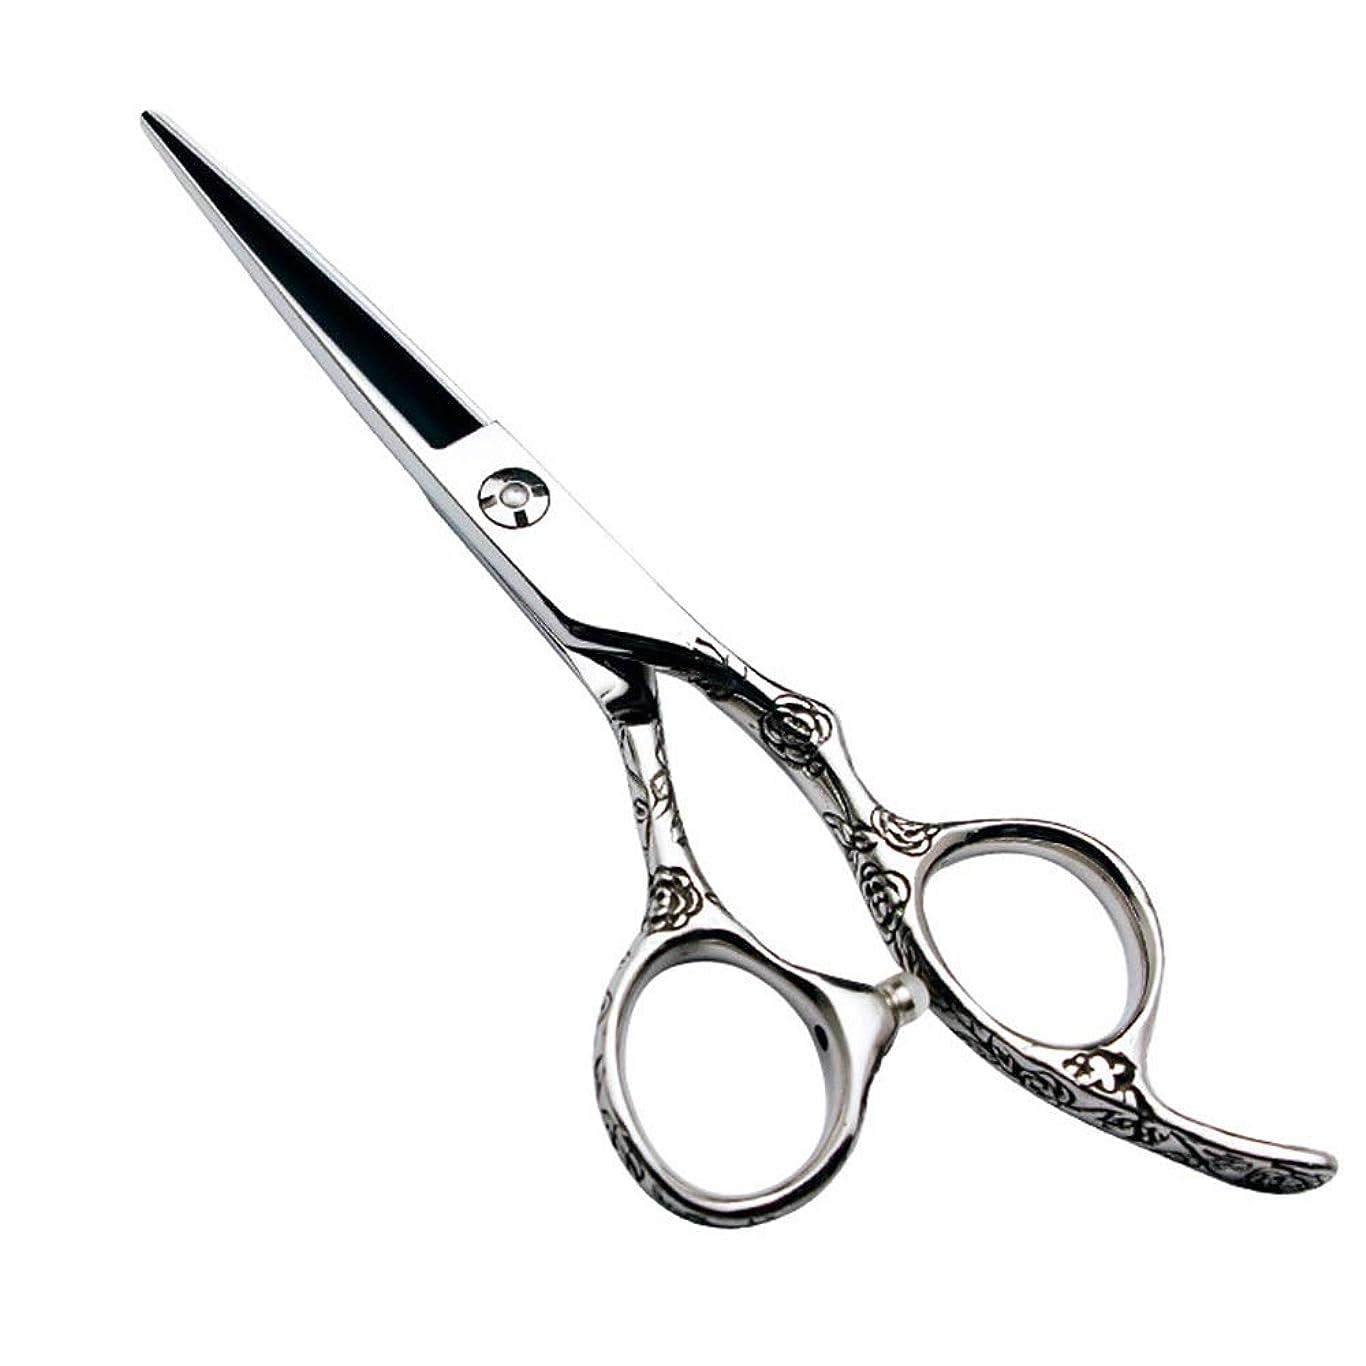 リーフレット課税ルアーGoodsok-jp 6インチの美容院の専門の理髪セットの理髪はさみのローズハンドル440C (色 : Silver)